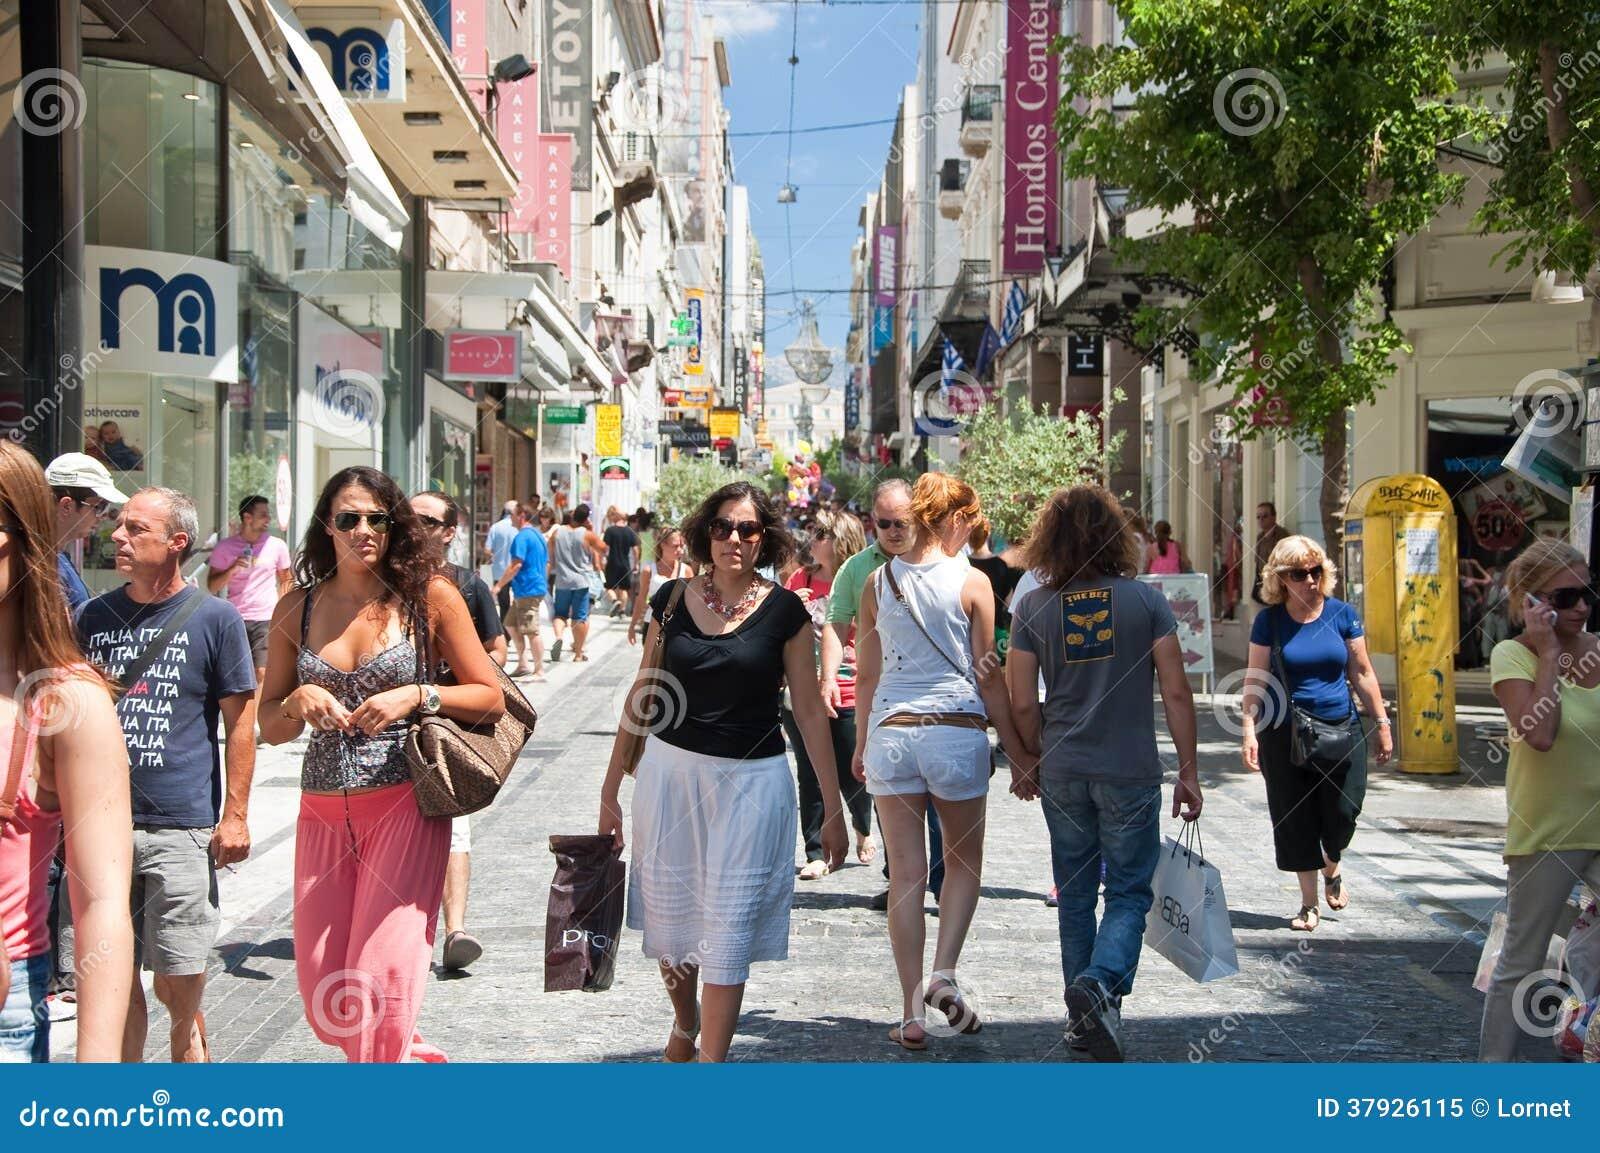 Ψωνίζοντας στην οδό Ermou στις 3 Αυγούστου 2013 στην Αθήνα, Ελλάδα.